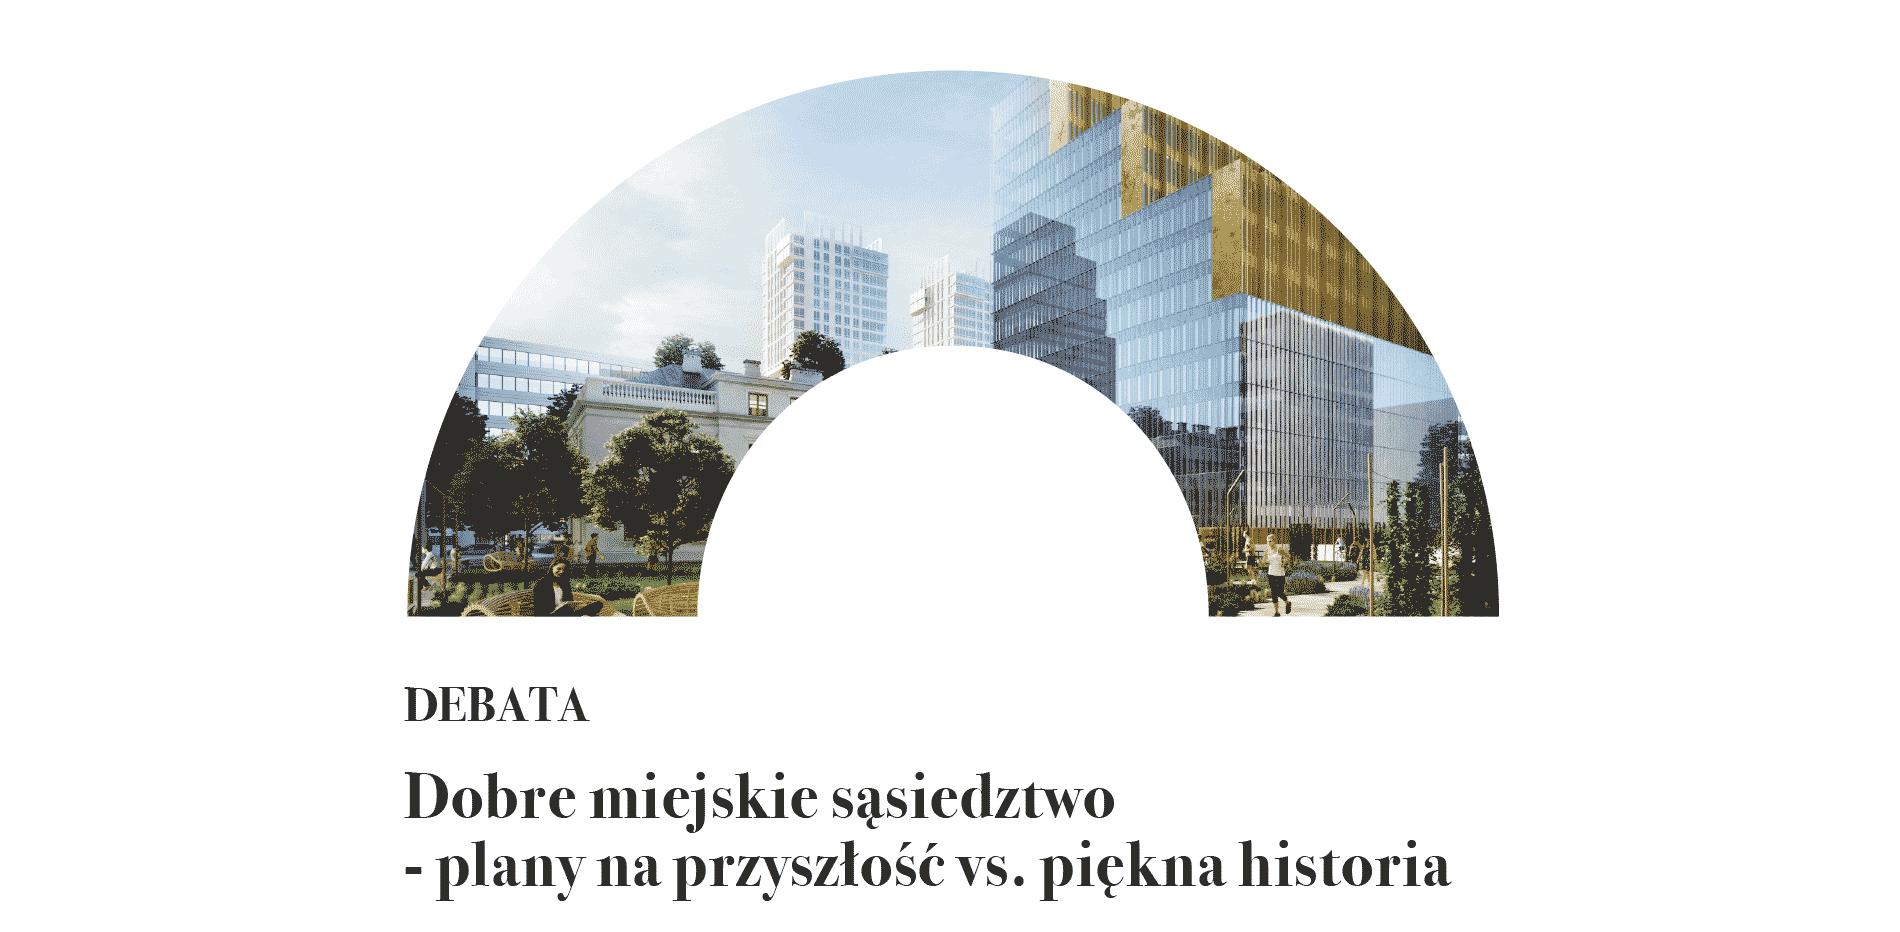 ZAPROSZENIE - Debata: Dobre miejskie sąsiedztwo - plany na przyszłość vs. piękna historia